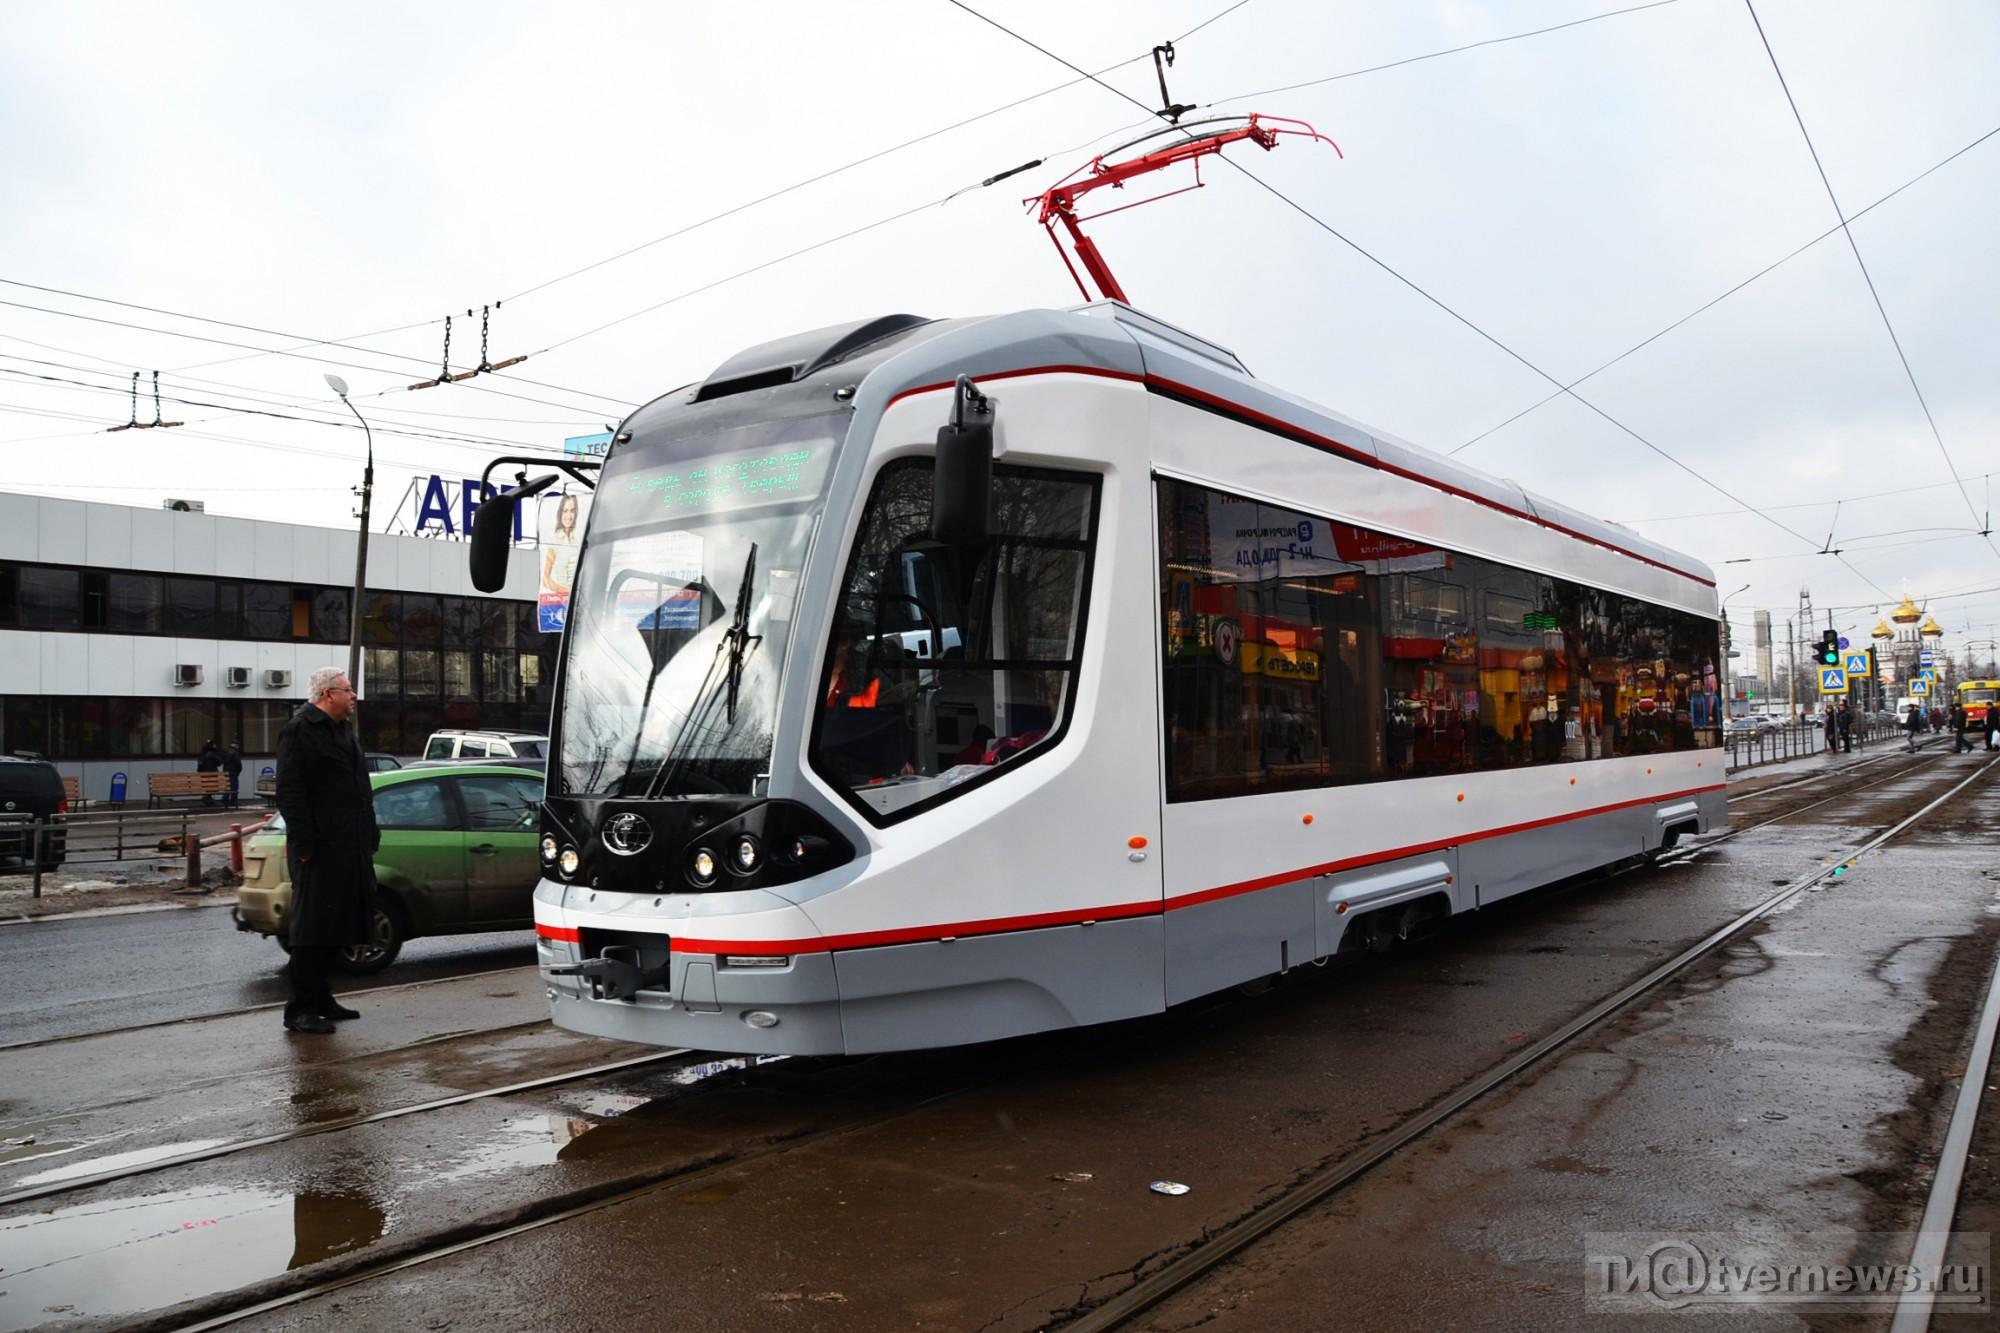 Ксаммитам ШОС иБрикс вЧелябинске закупят новые трамваи